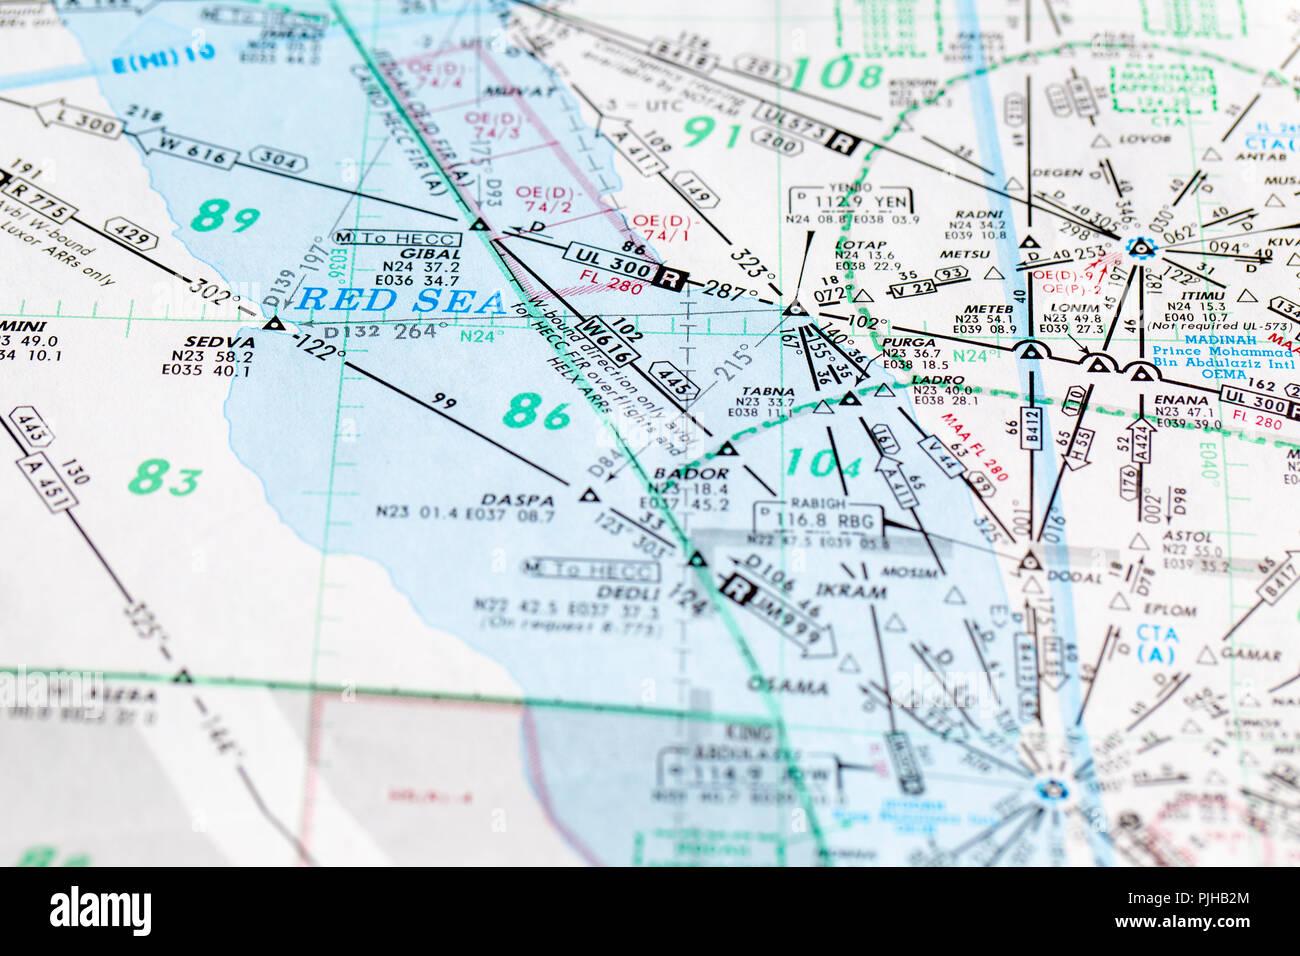 Flight Map Stock Photos & Flight Map Stock Images - Alamy